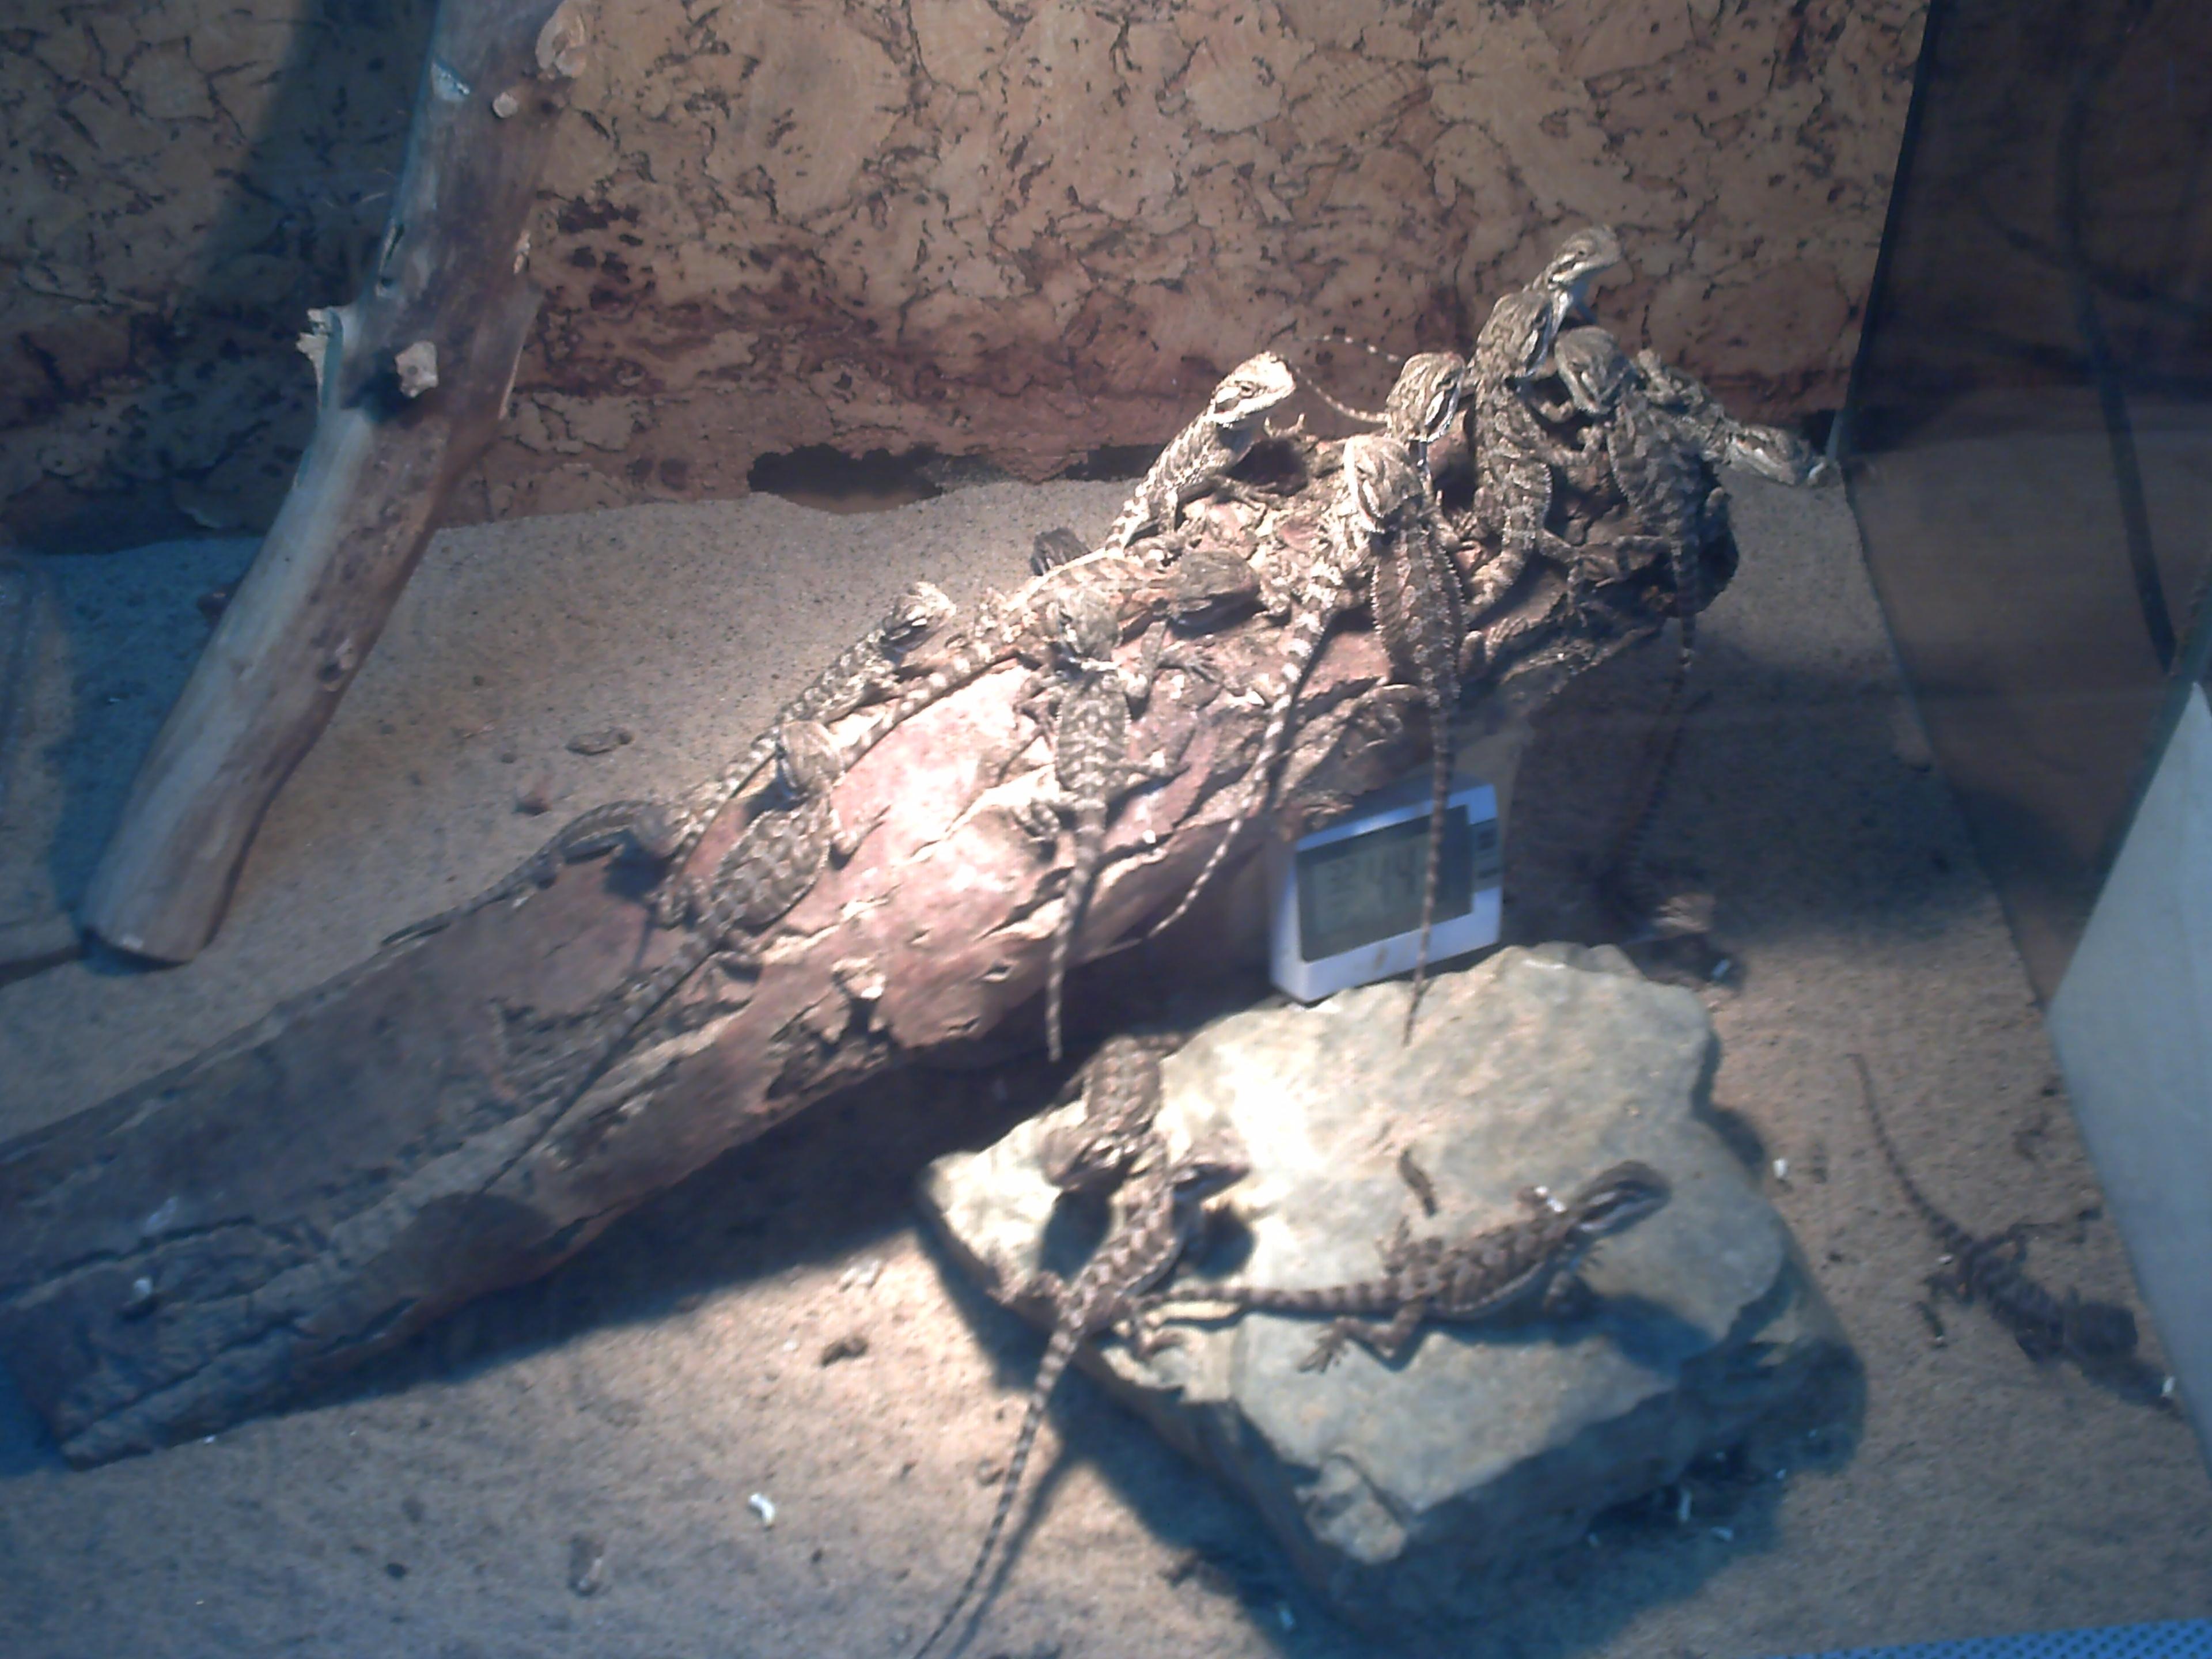 Eiche bad salzungen : Kleinanzeigen reptilien seite 20